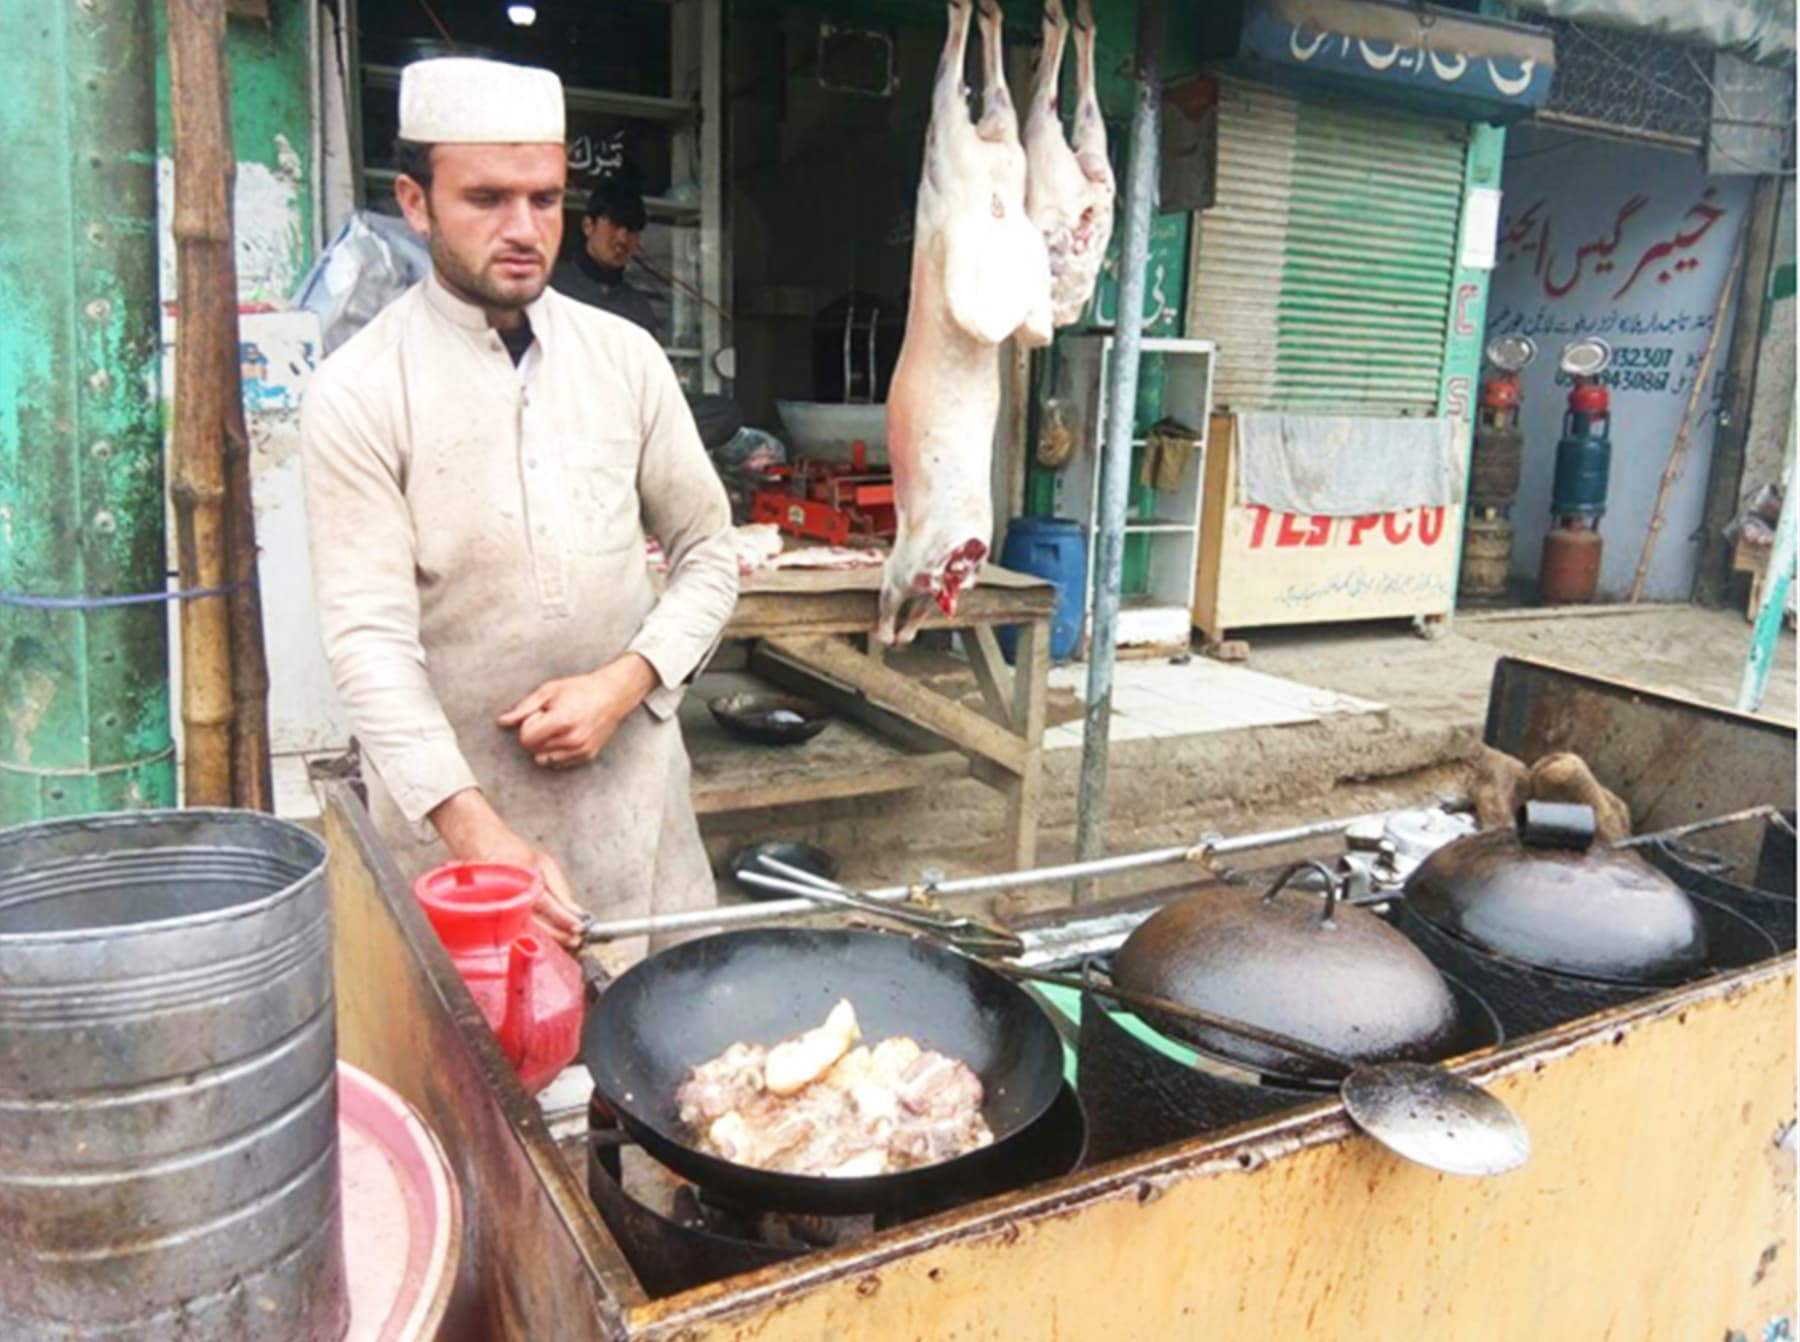 لنڈی کوتل بازار کی مشہور نمکین کڑاہی اور تکہ سیاحوں اور مسافروں کی پسندیدہ غذا ہیں